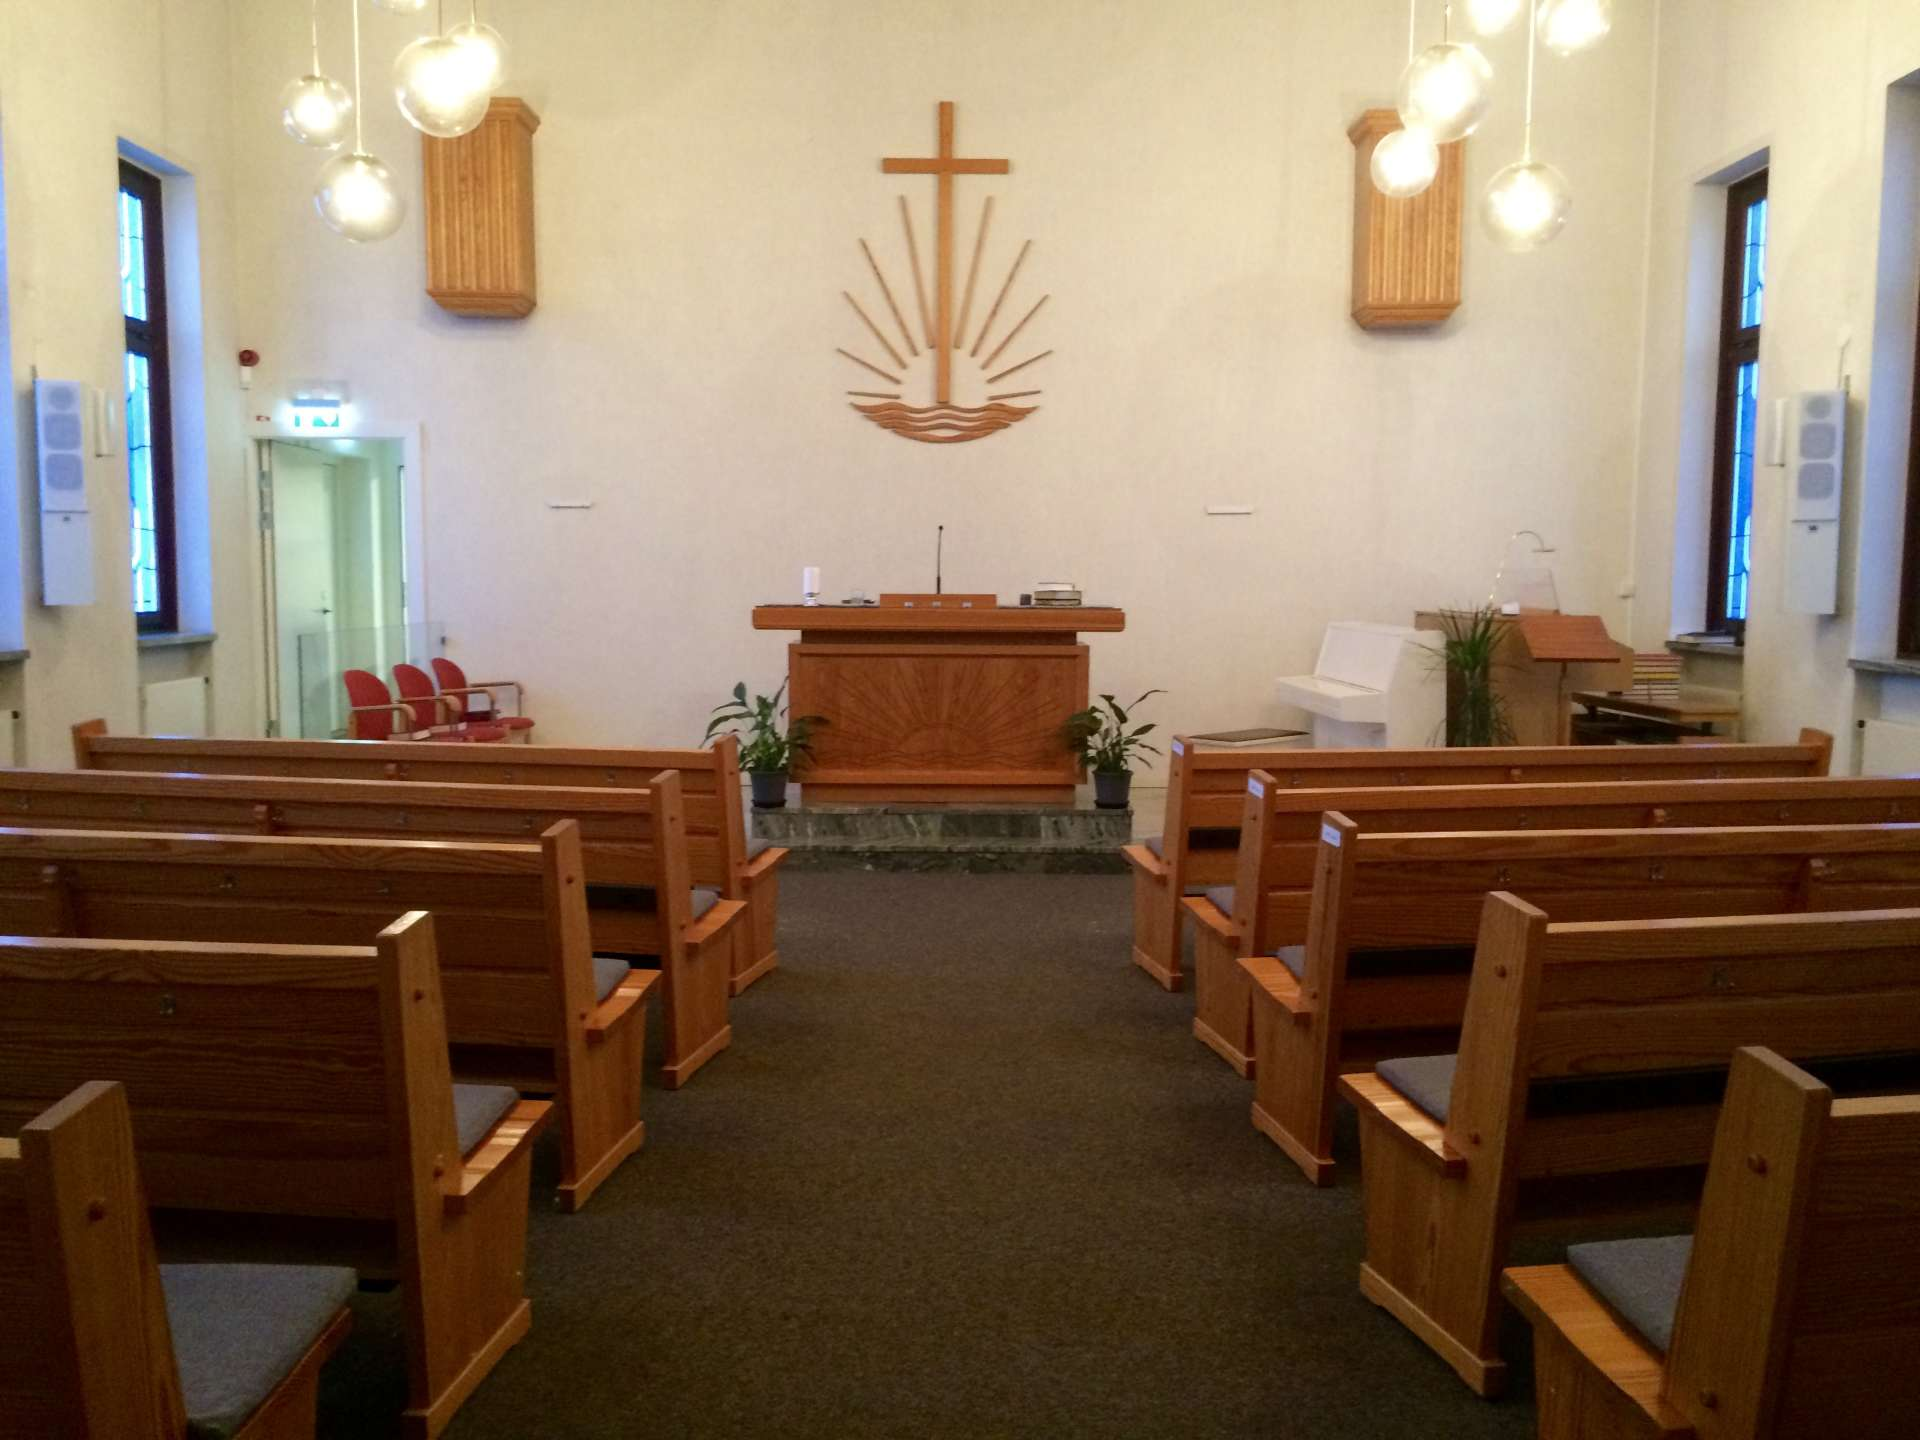 Nyapostoliska kyrkan 11